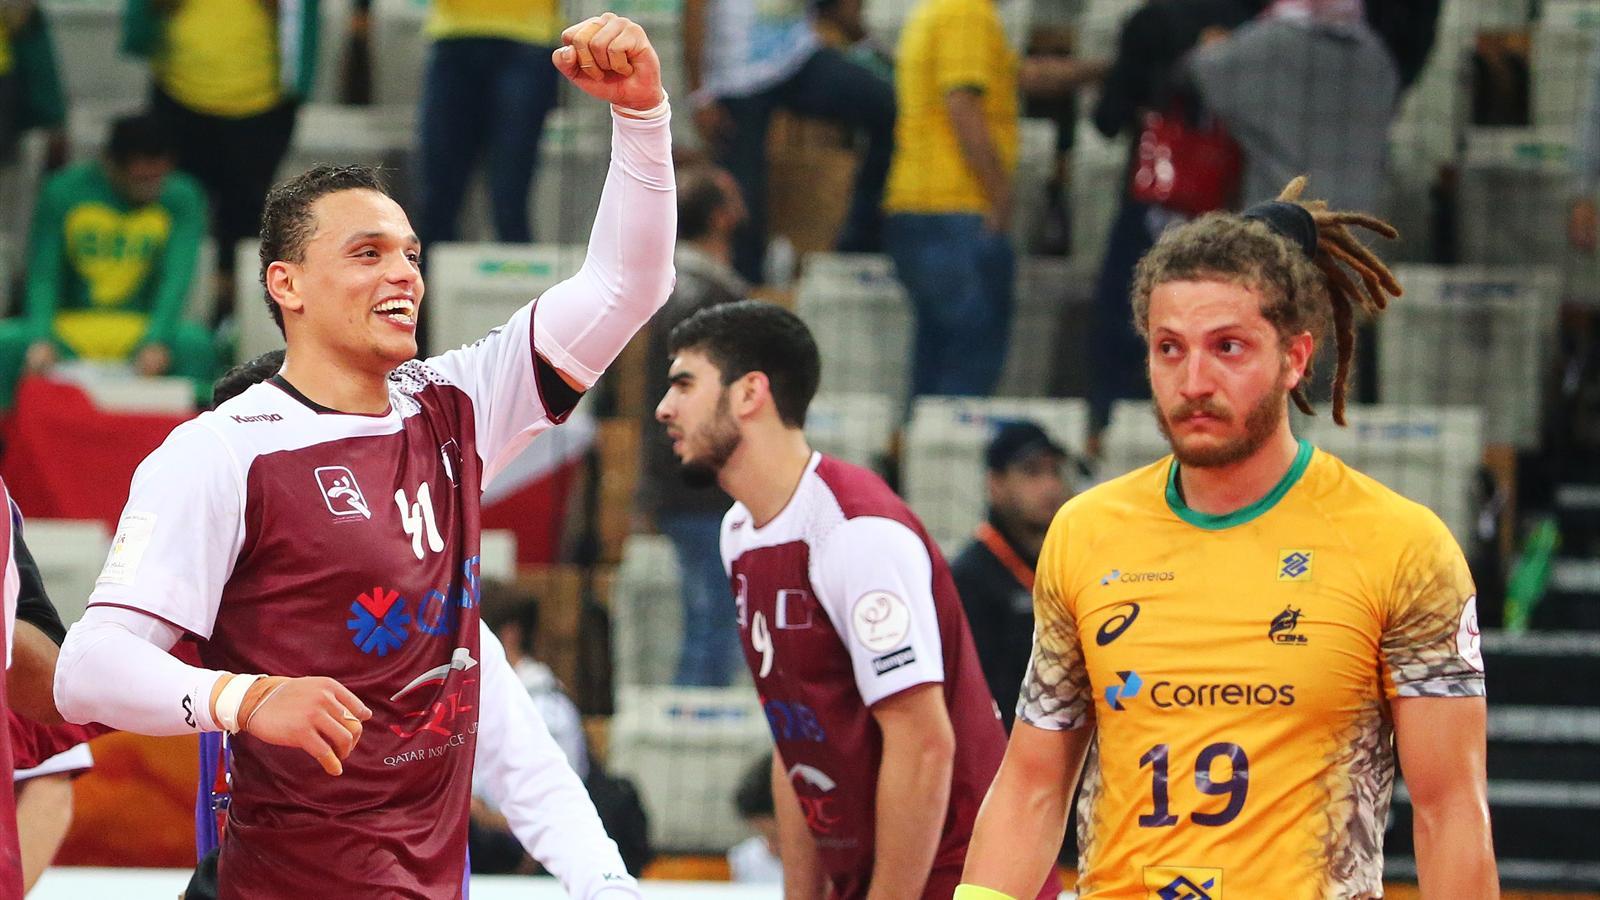 Mondial 2015 le qatar r ussit ses d buts sur le terrain et en dehors championnat du monde - Coupe du monde 2015 handball ...